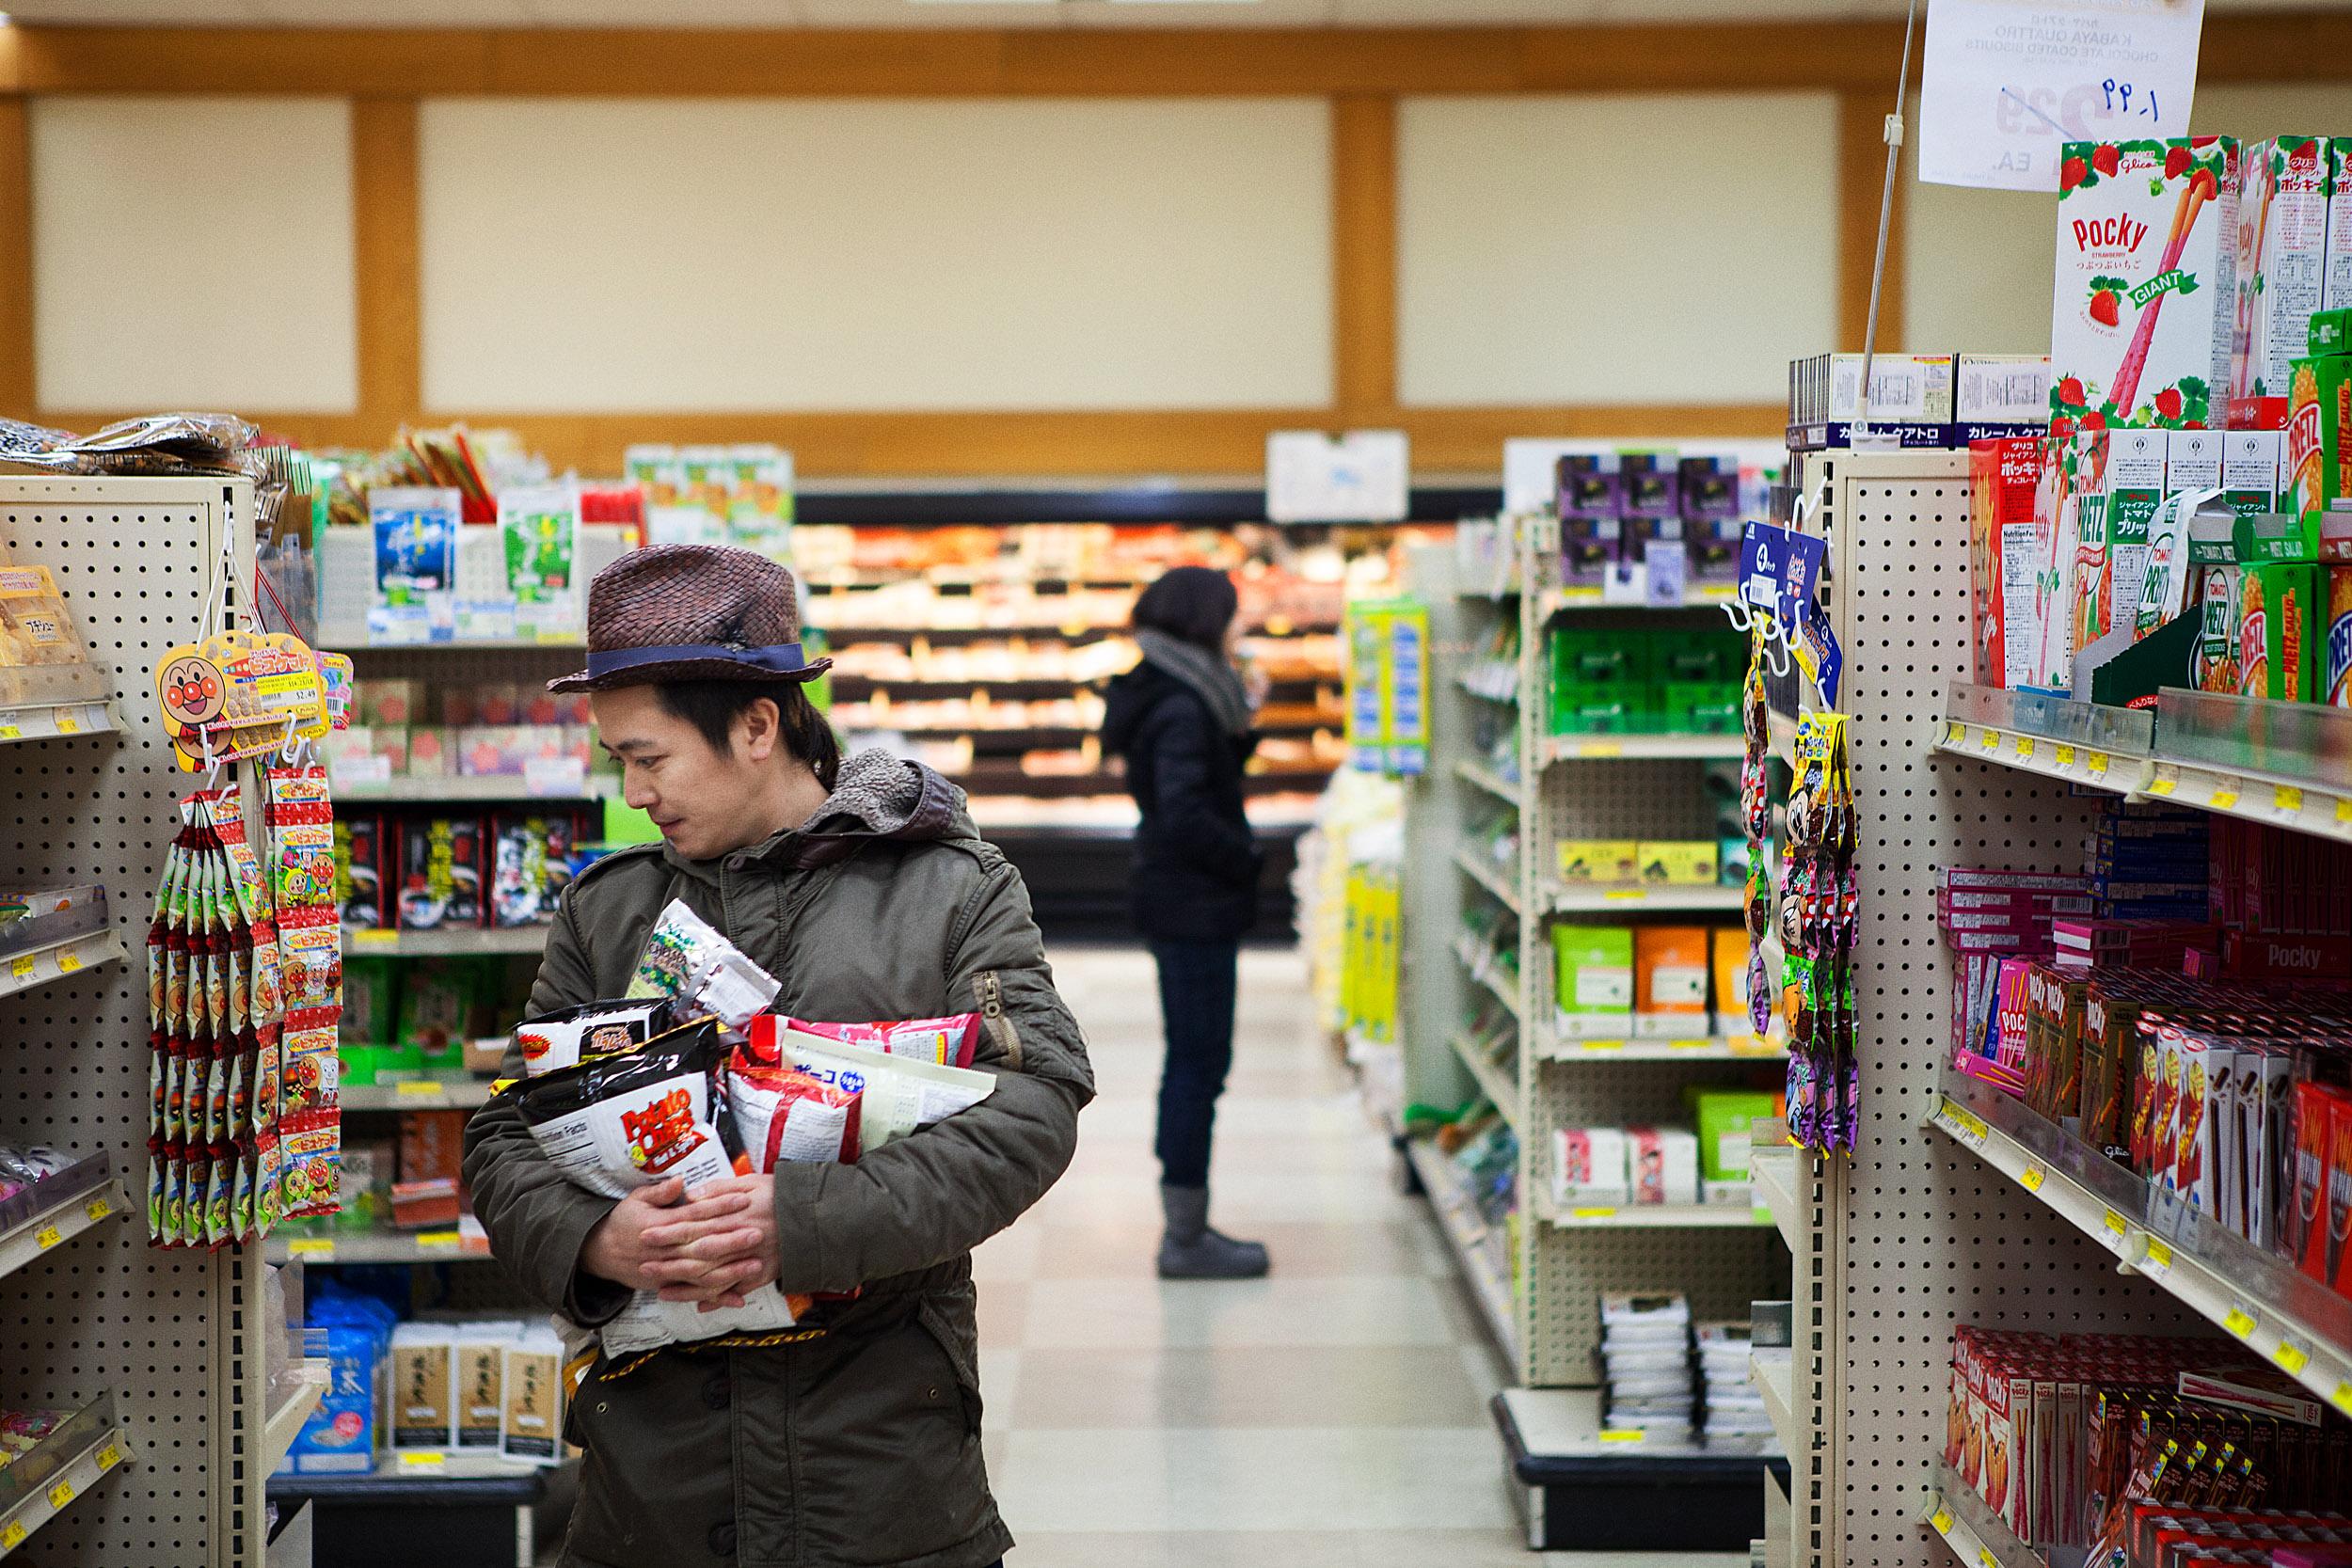 13_0122_Hinomaru_020_Koji Miyamoto.jpg